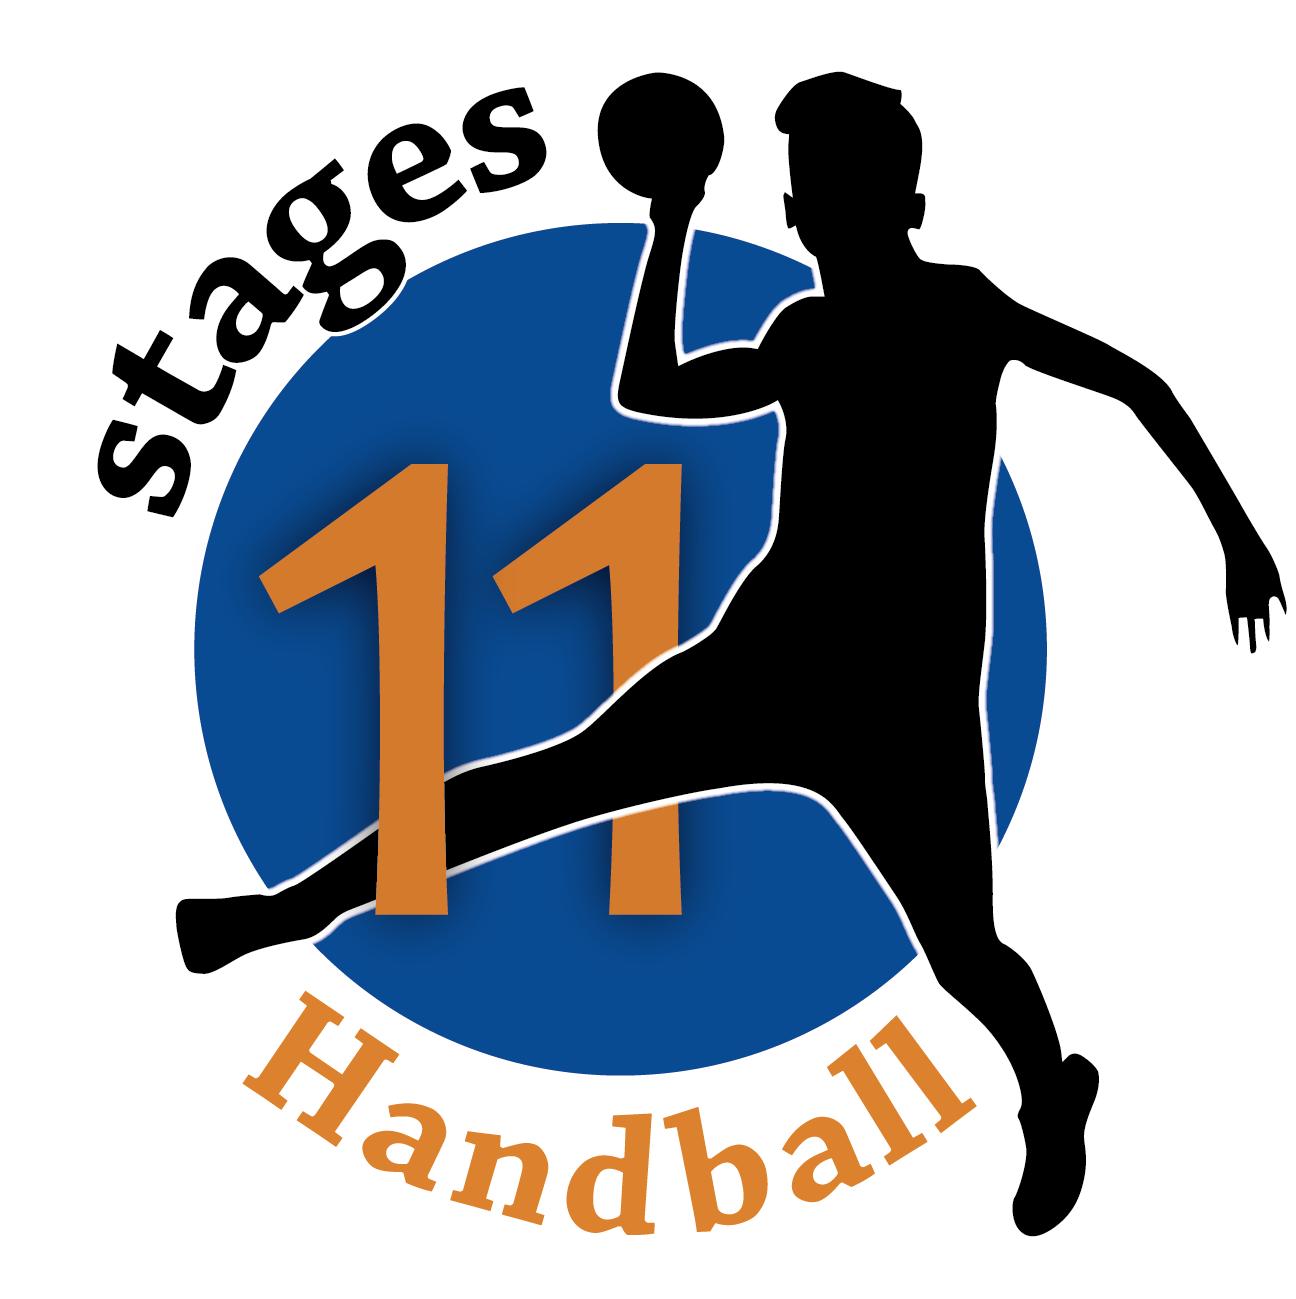 Logo Stages Handball 11 dans l'Aude à Narbonne